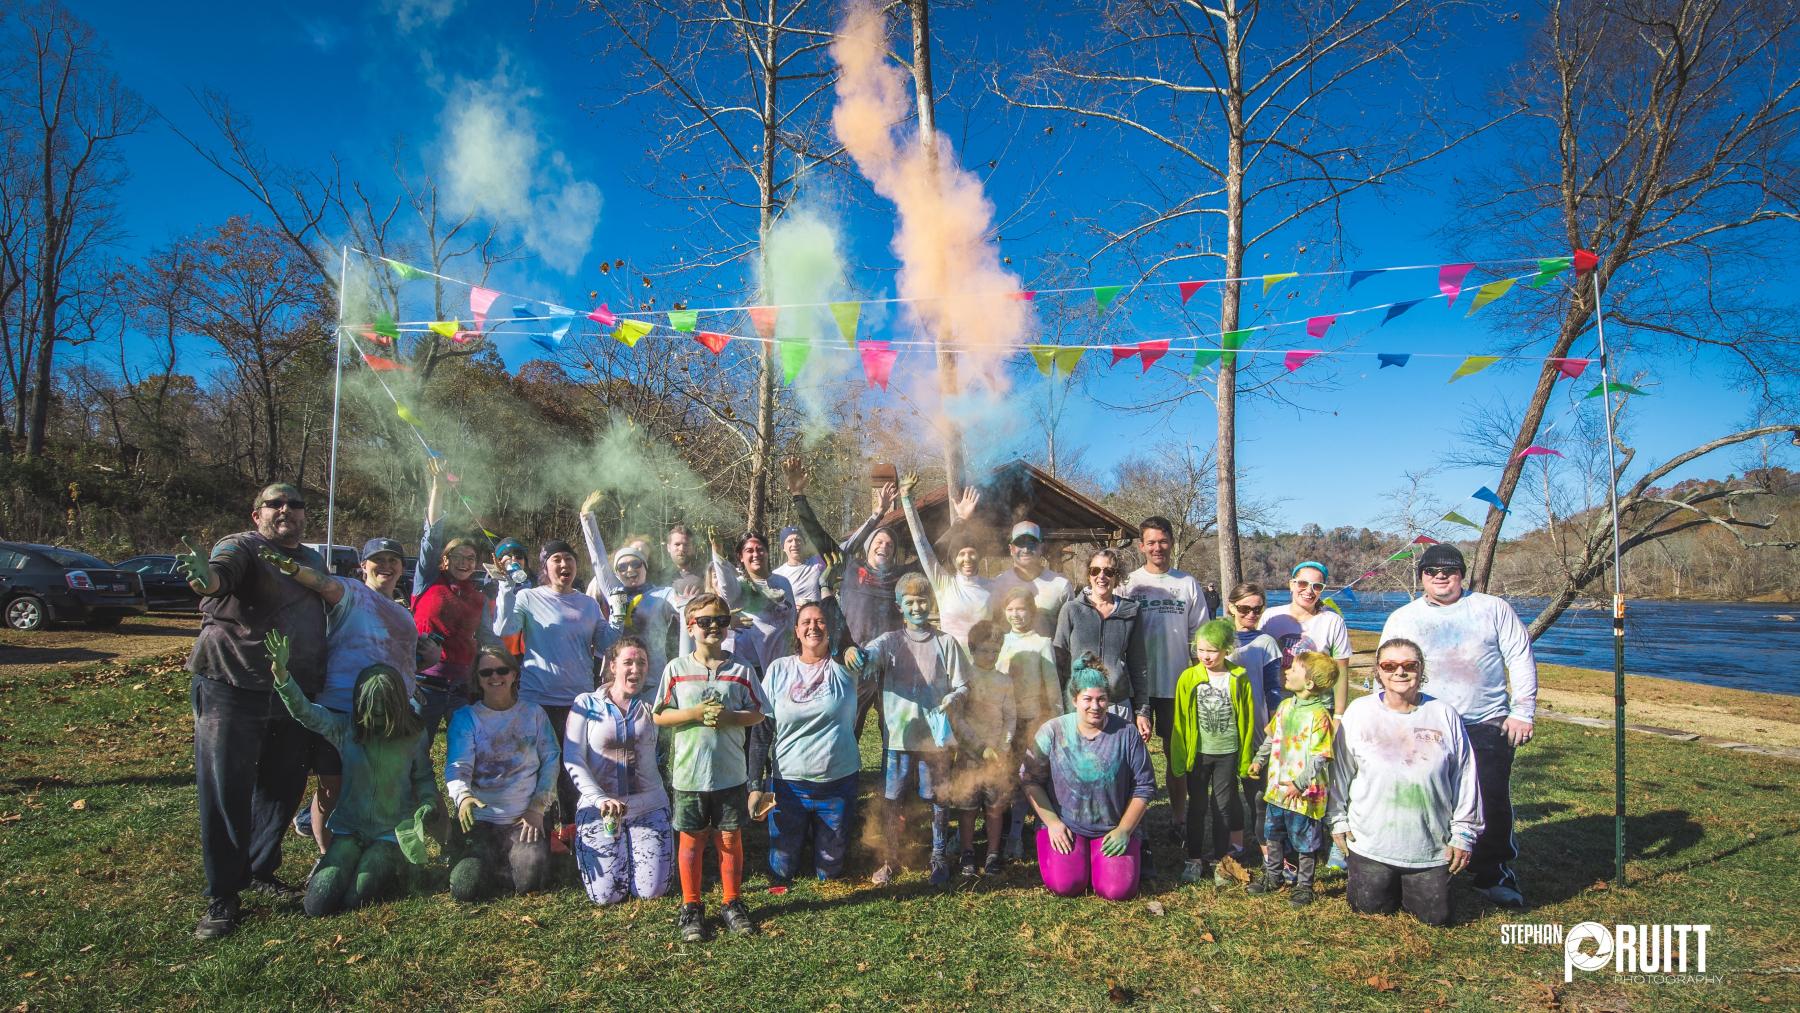 Stephan-Pruitt-Photography-Olivette-Color-Run-5k-Arica-Haro-November-Asheville-2019-100